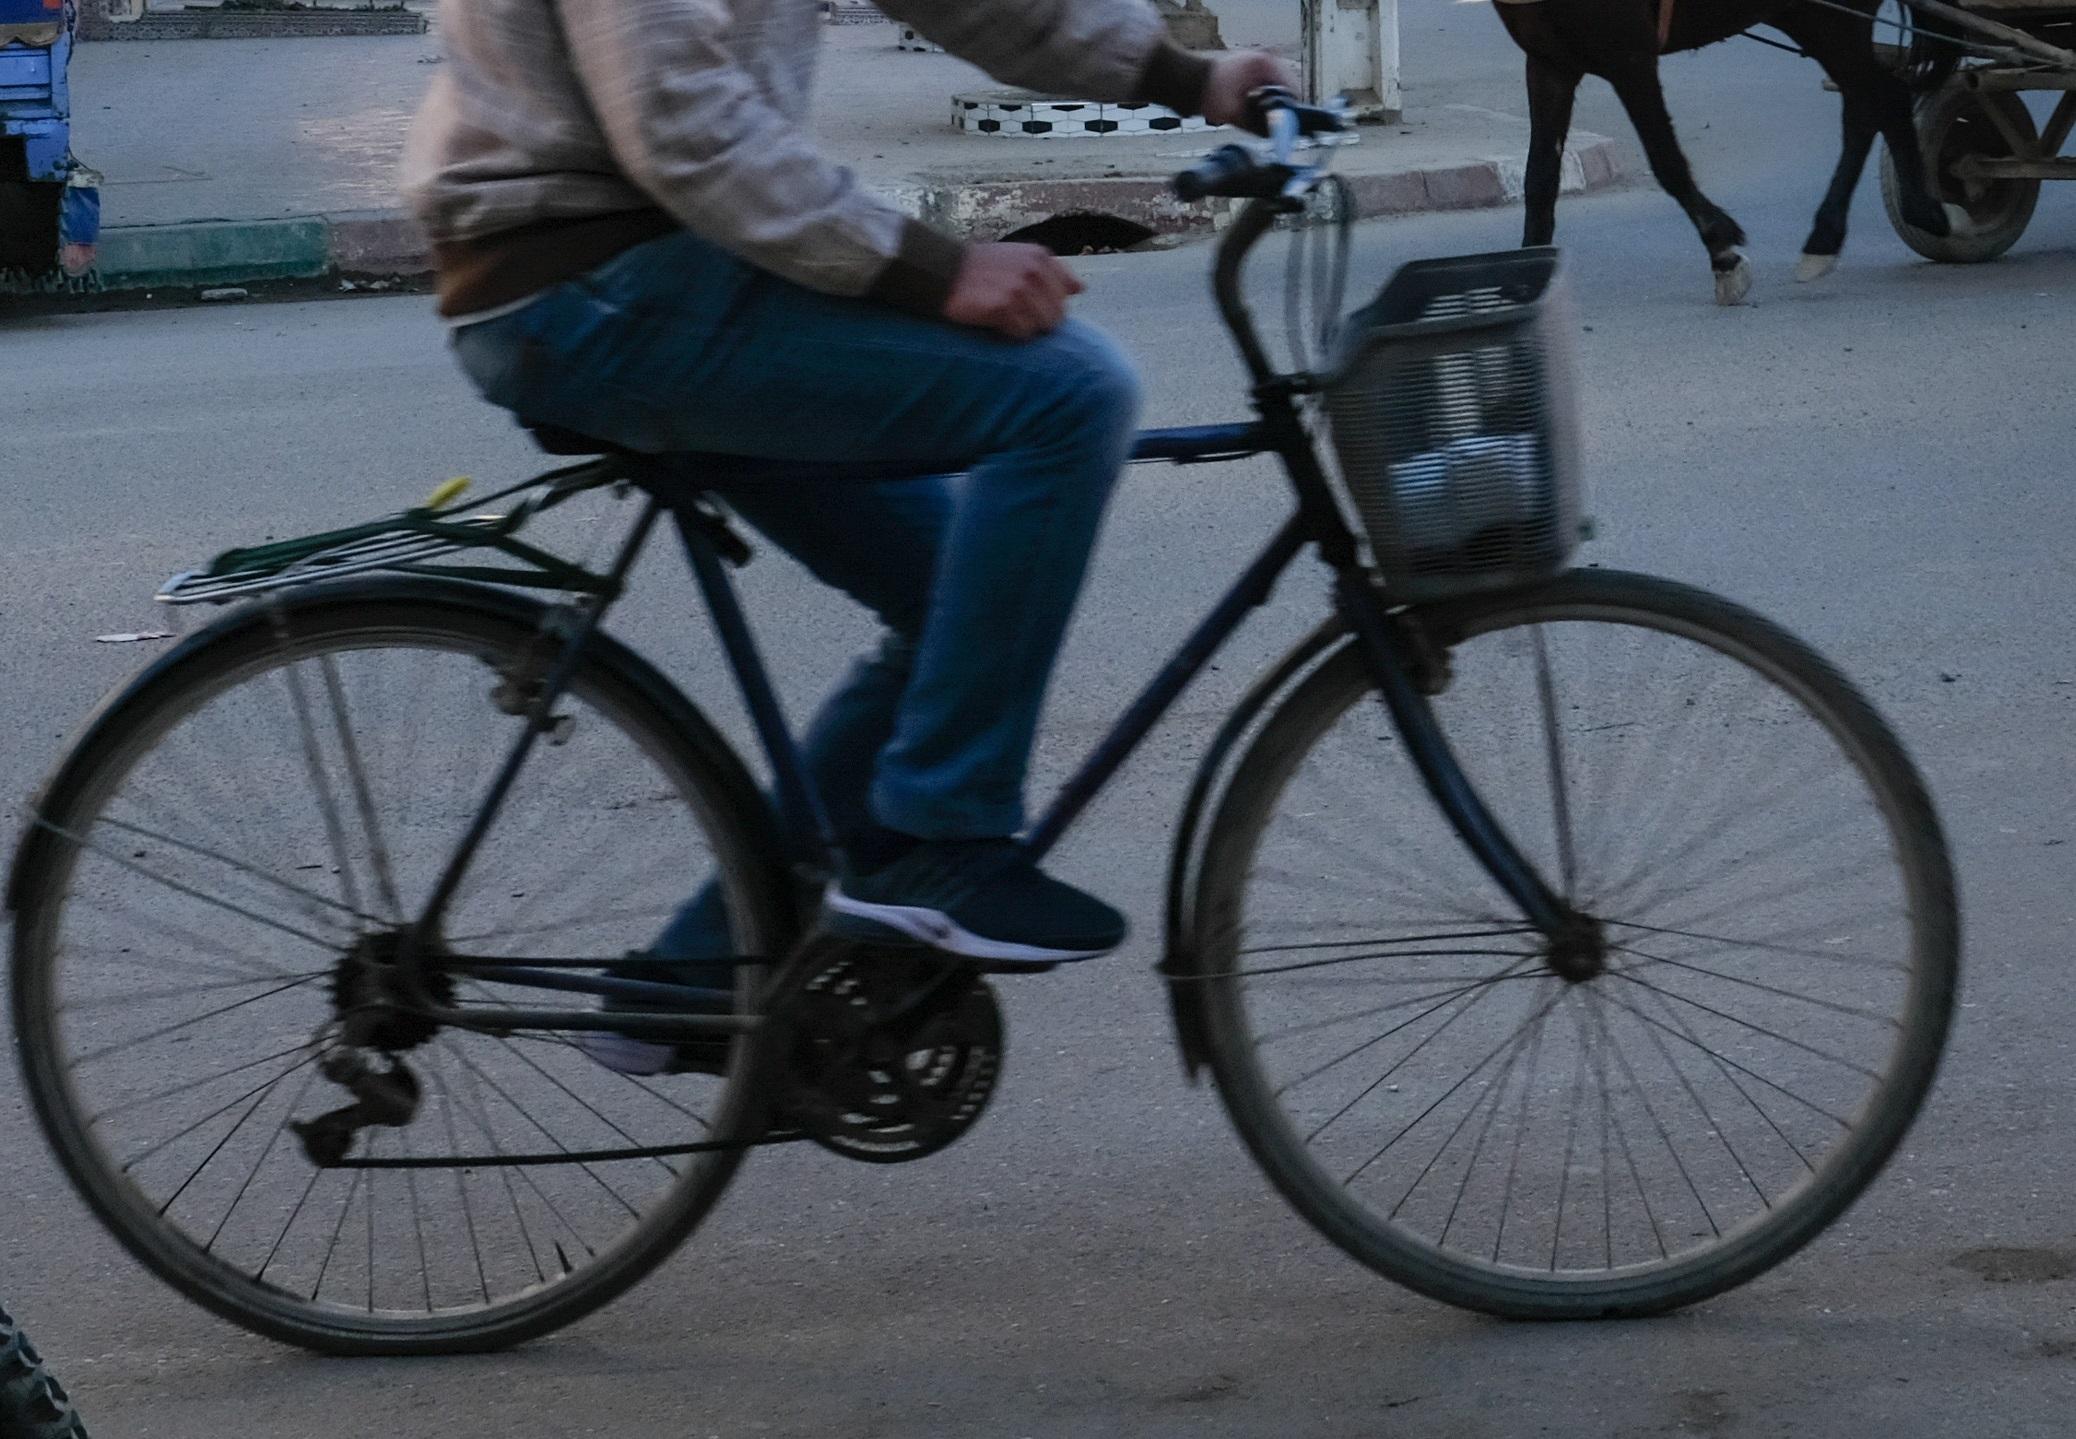 Αγρίνιο: Βόλτες με ηλεκτρικά ποδήλατα – Ποιοι μπορούν να τα χρησιμοποιούν εντελώς δωρεάν